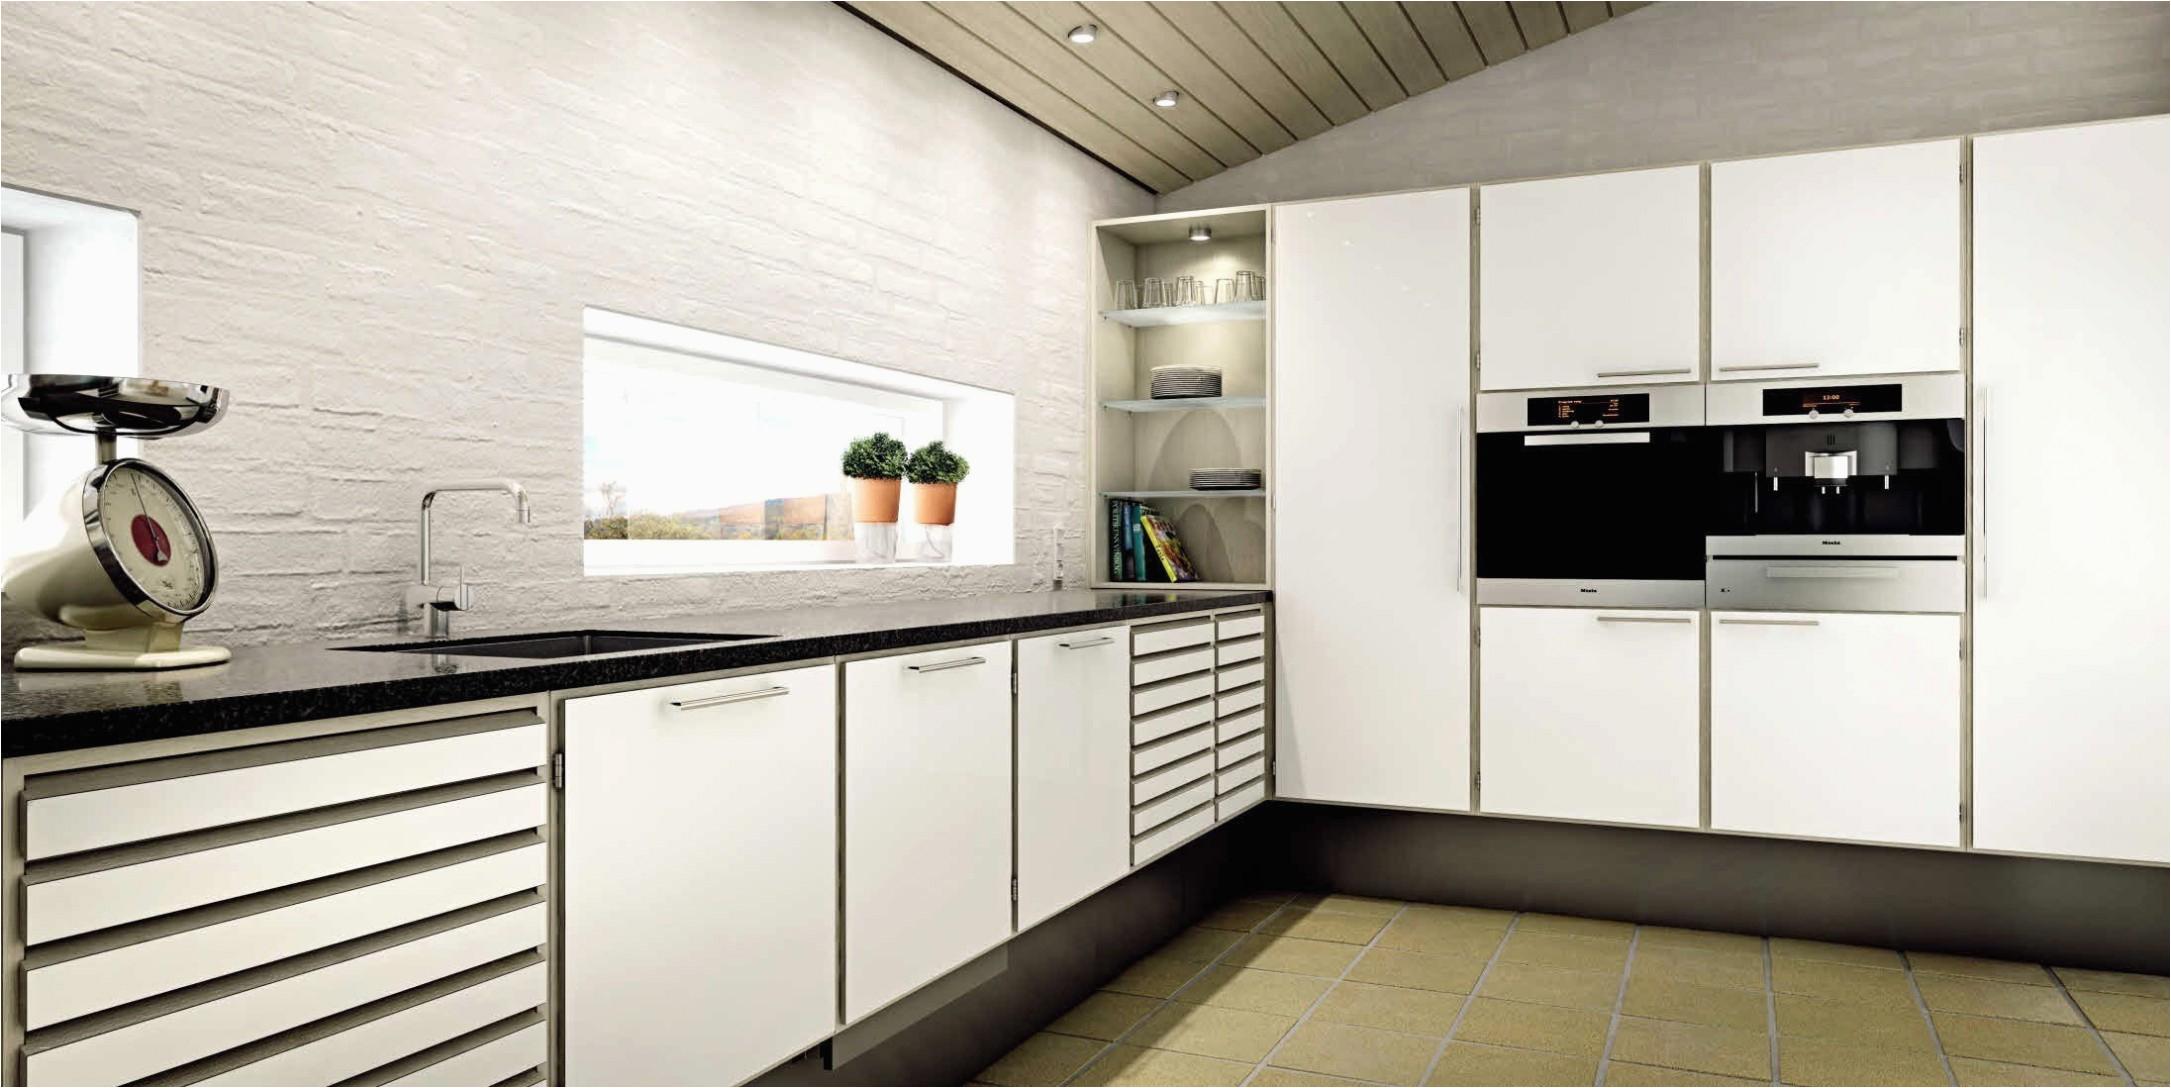 wanddeko kuche modern erstaunlich kuche eiche modern kuche beruckend 1